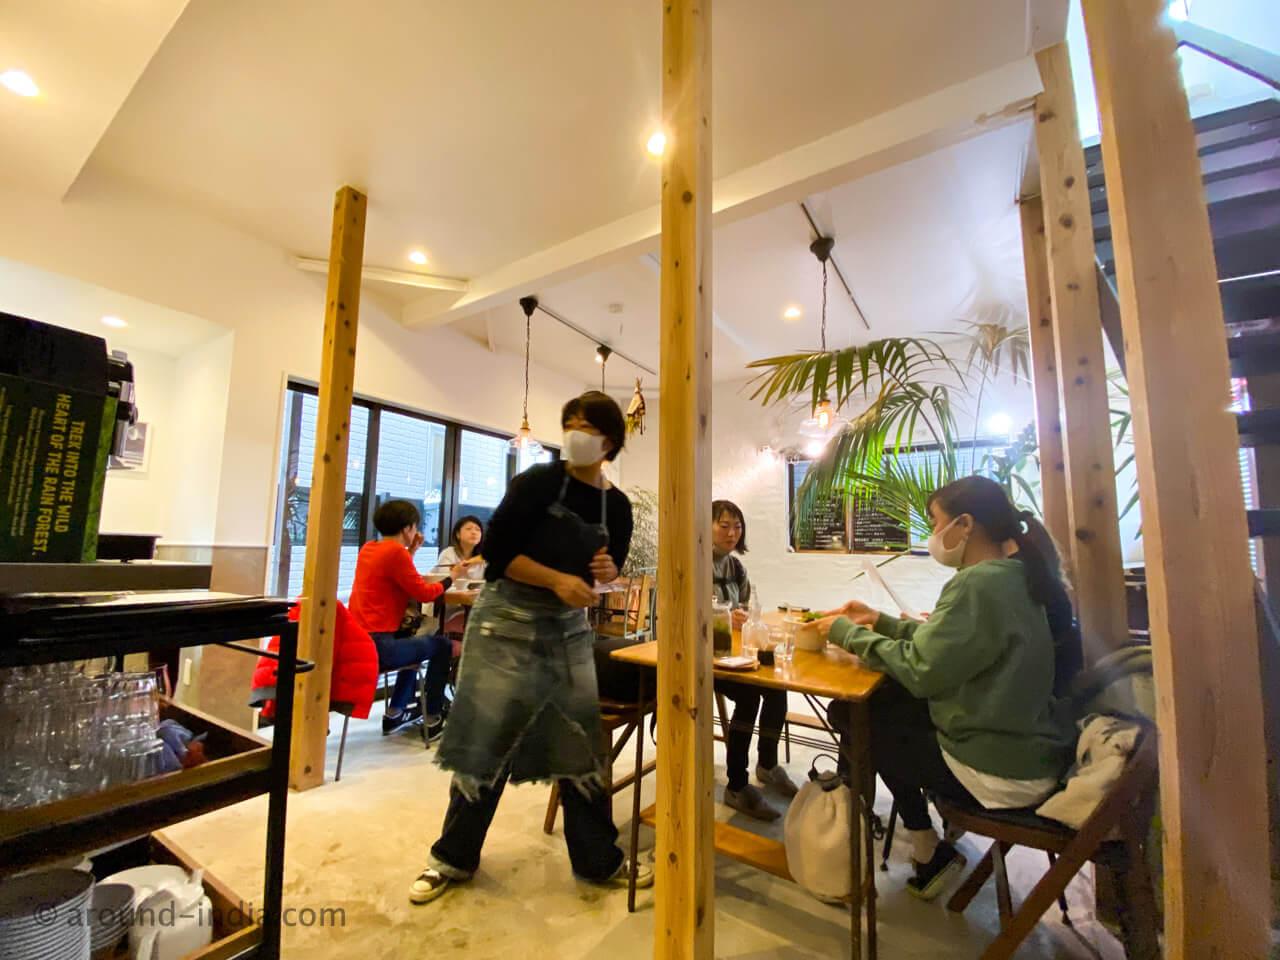 シンガポール Shikalab 鎌倉の店内